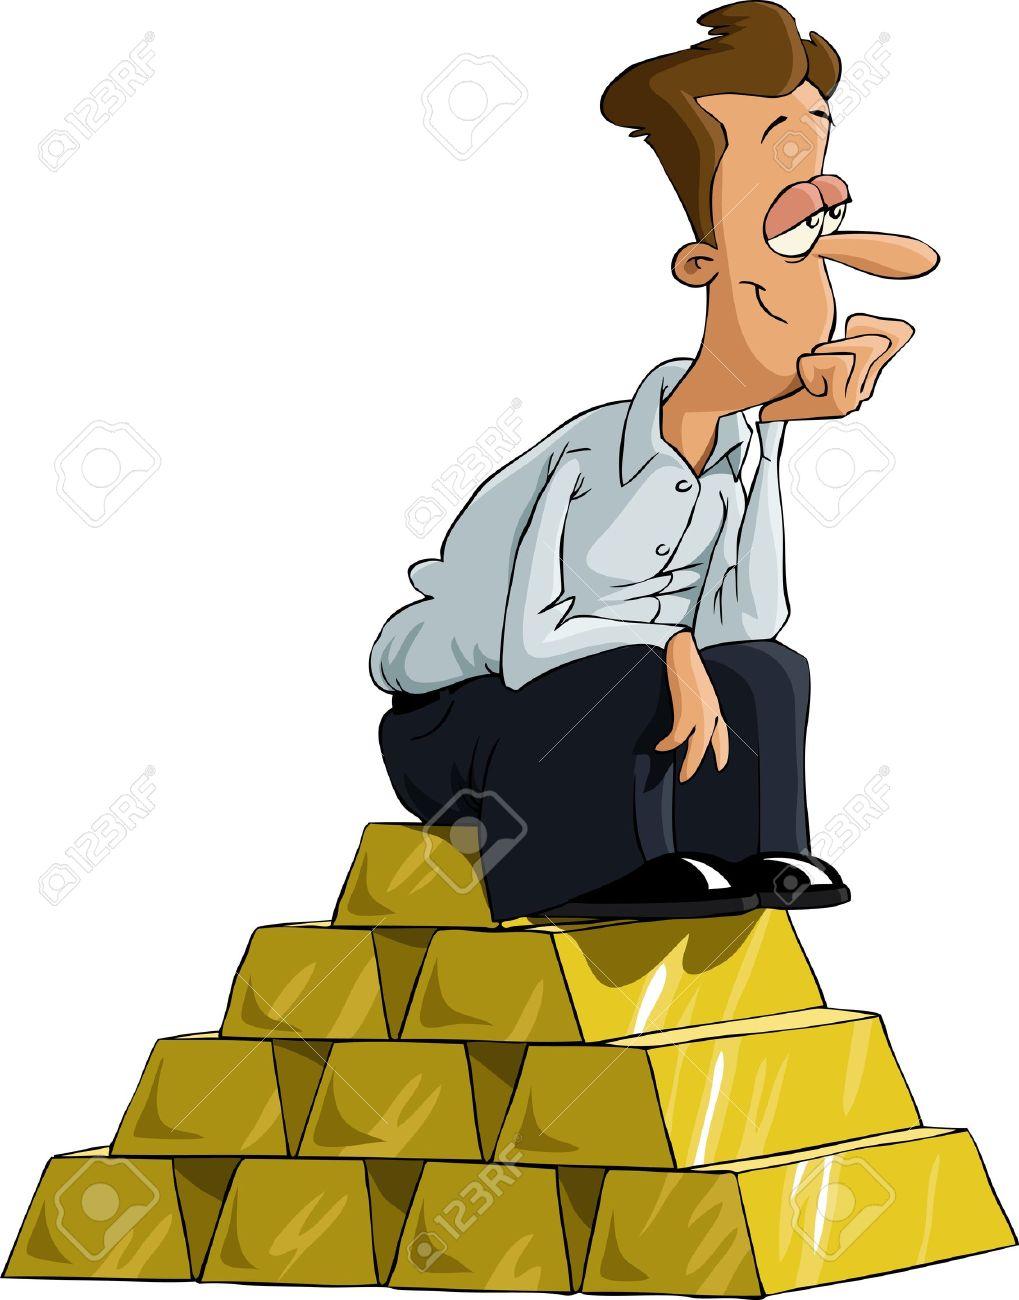 A man sitting on a gold bullion, vector Stock Vector - 10465723